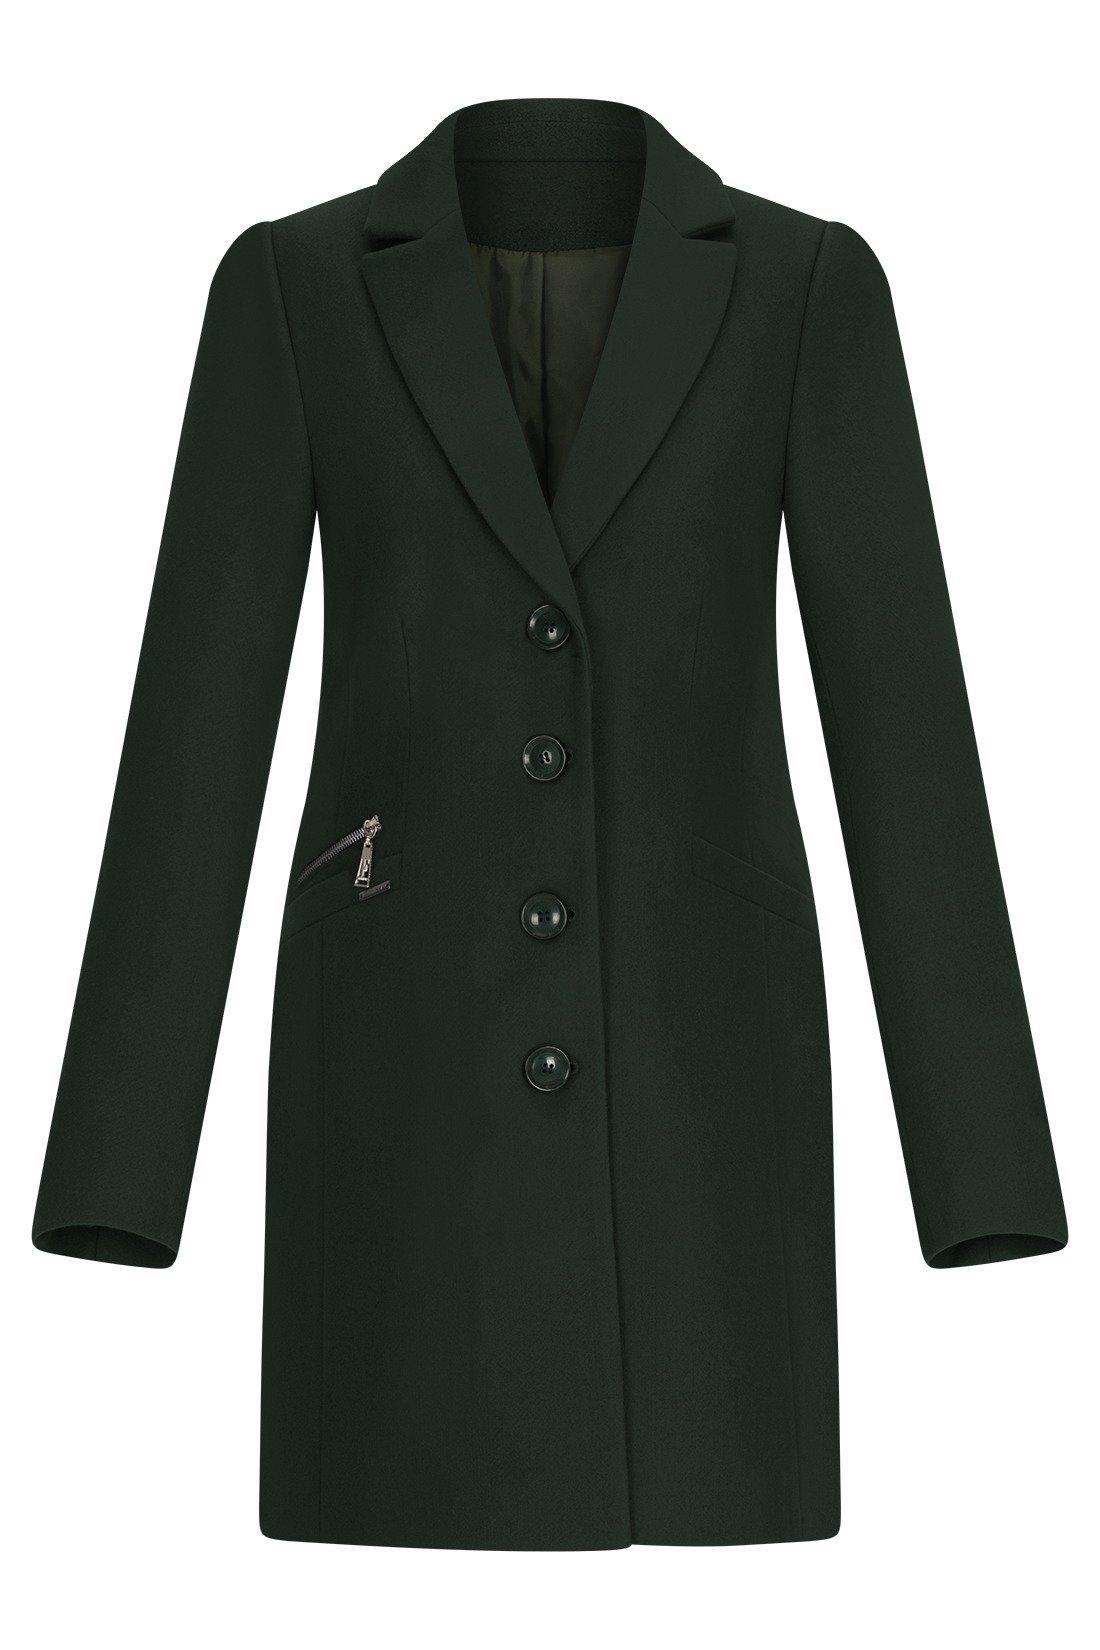 cfcd1daeed236 Klasyczny zimowy płaszcz damski Huna Jasmin zielony Kliknij, aby powiększyć  ...